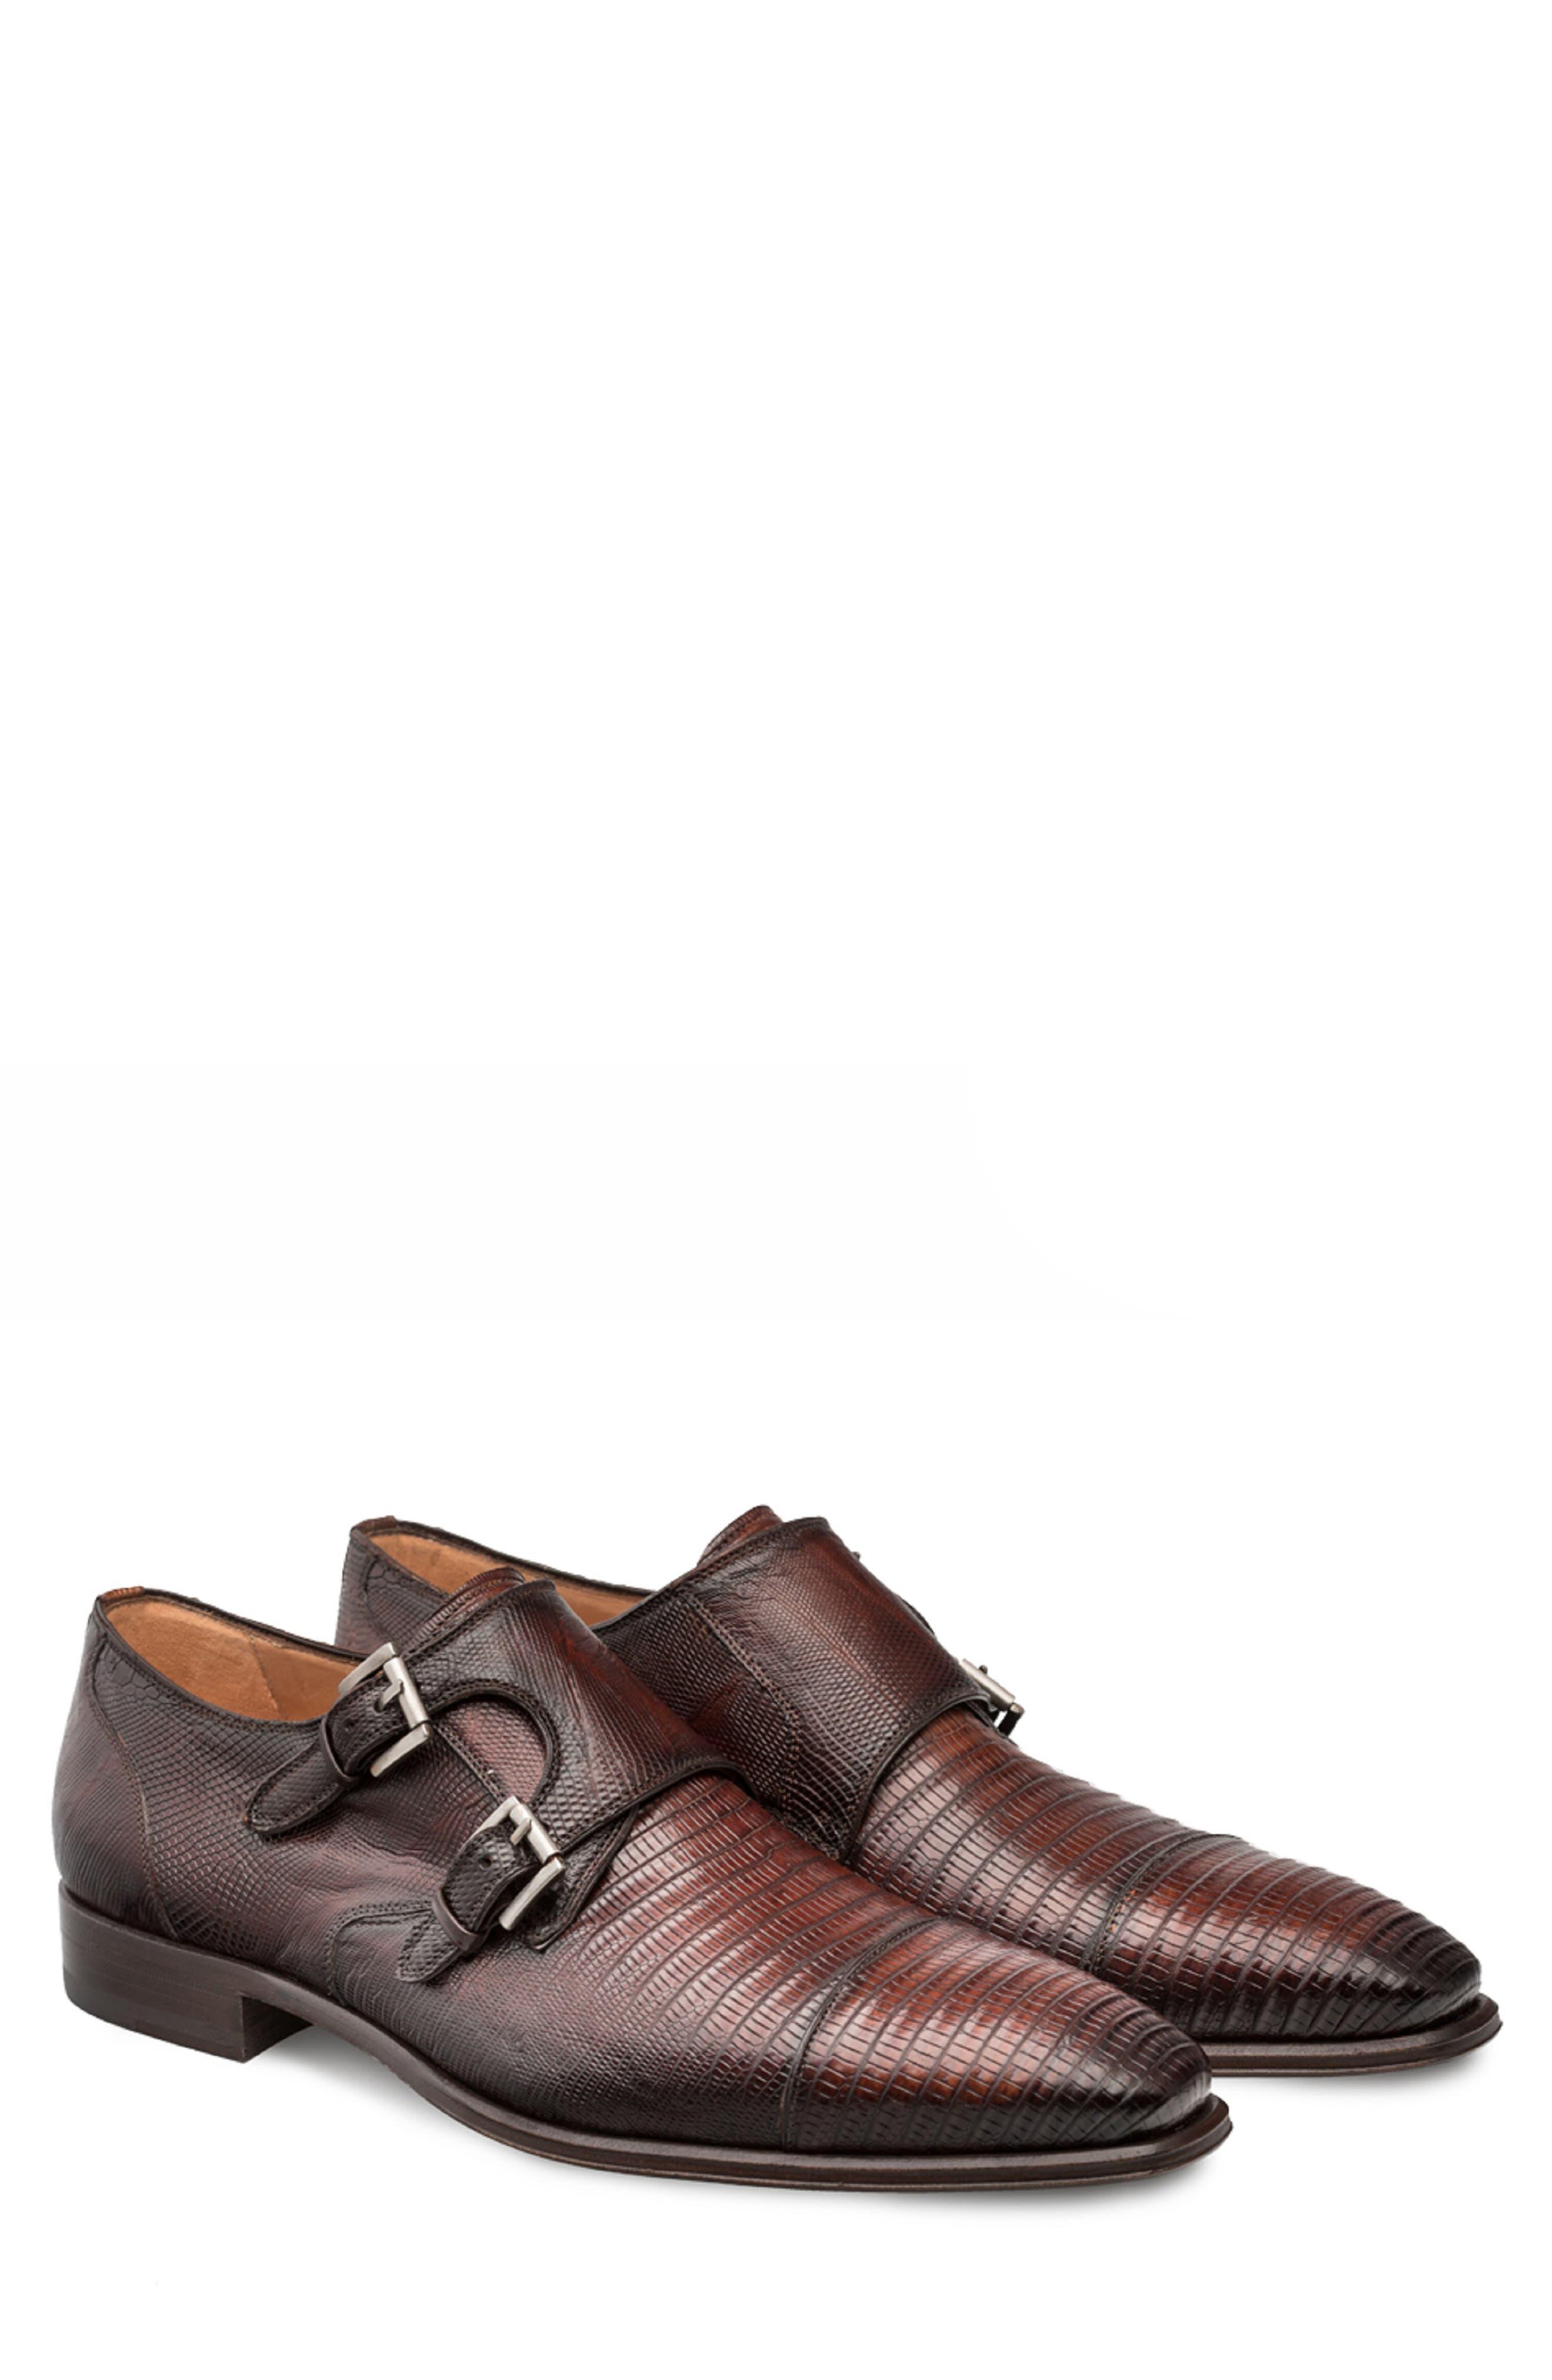 Argentum Double Monk Strap Shoe